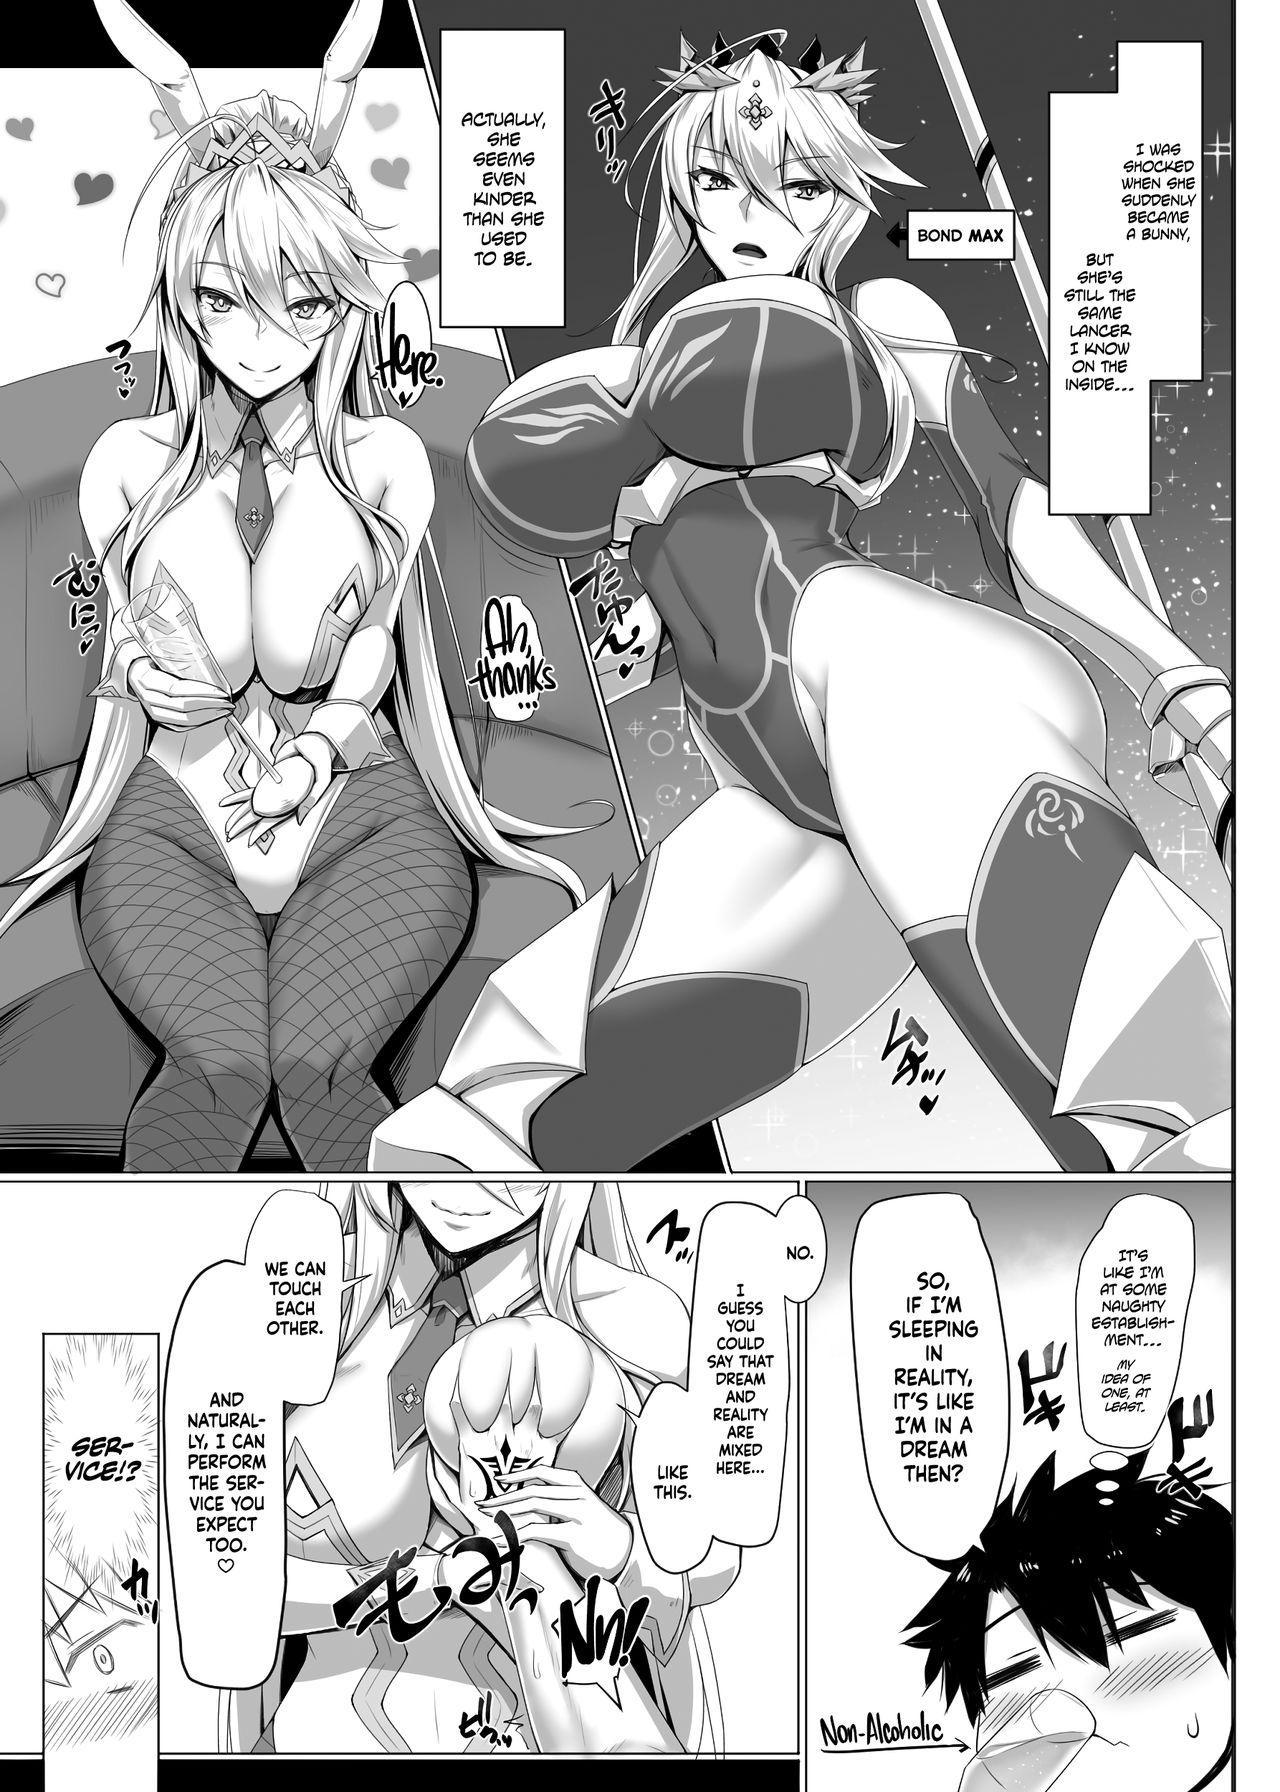 Bunny horny Amazing XNXX